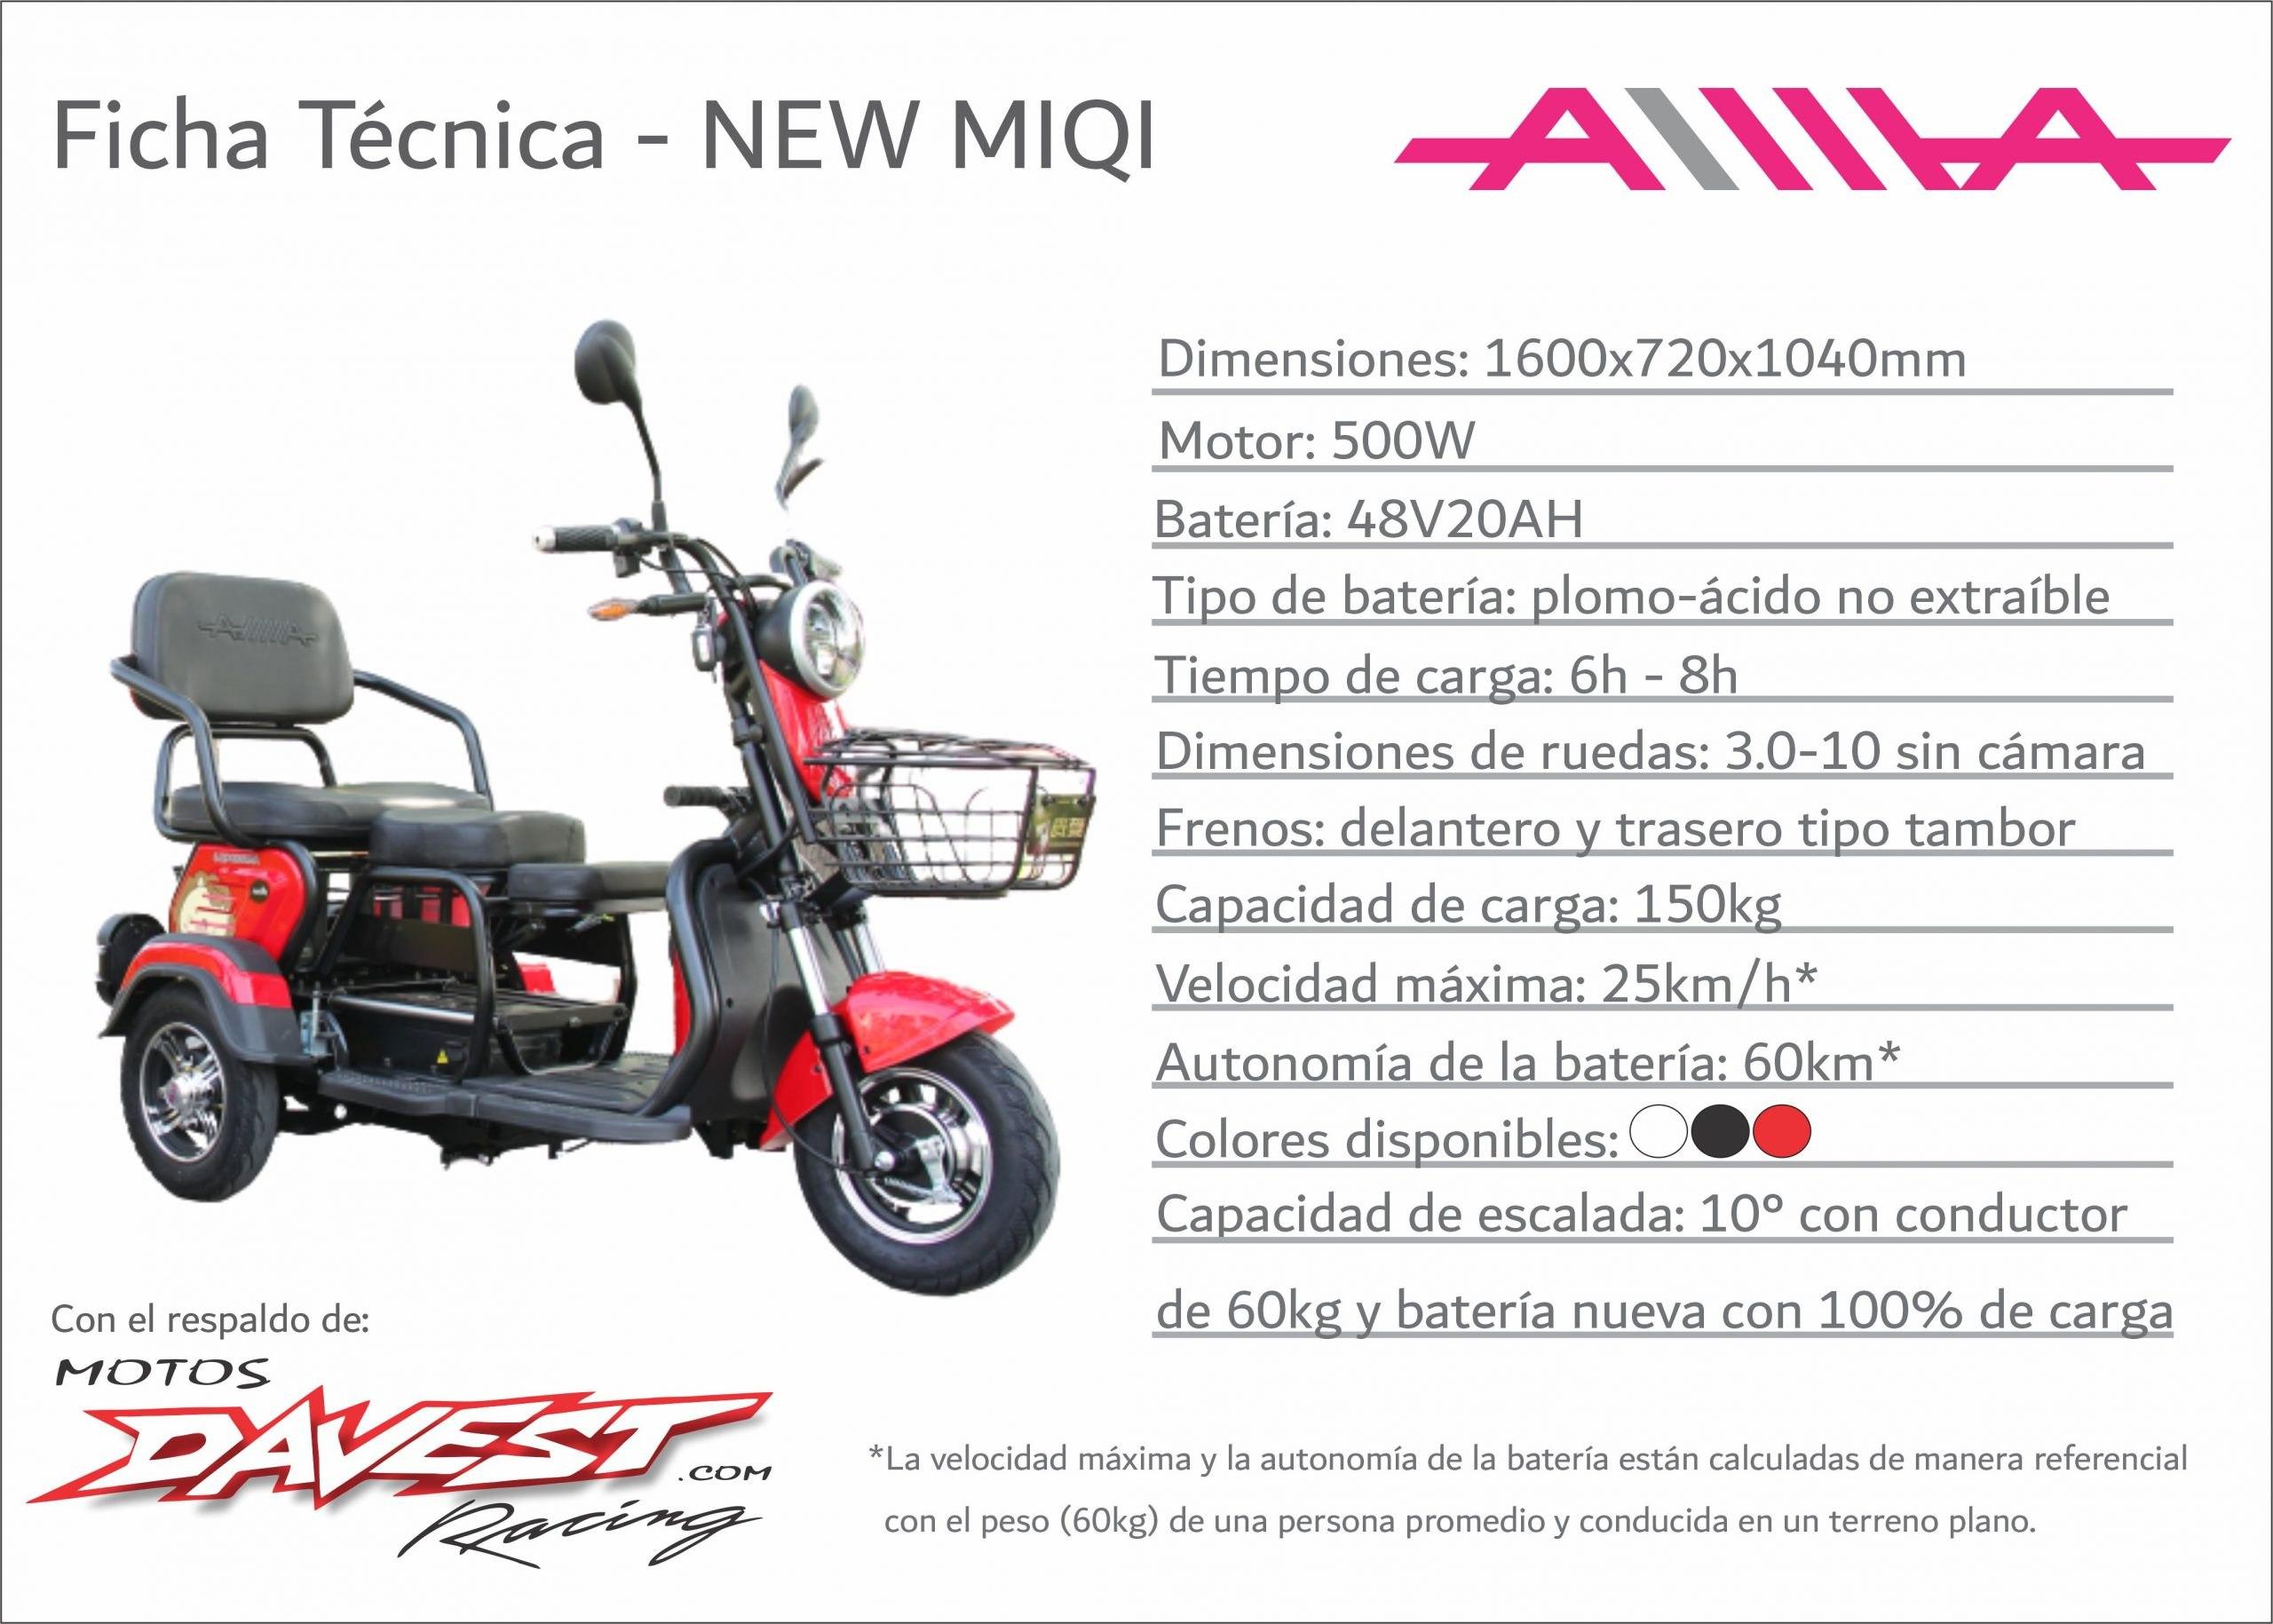 Ficha tecnica NEW Miqi scaled AIMA Peru - Motos Electricas Peru